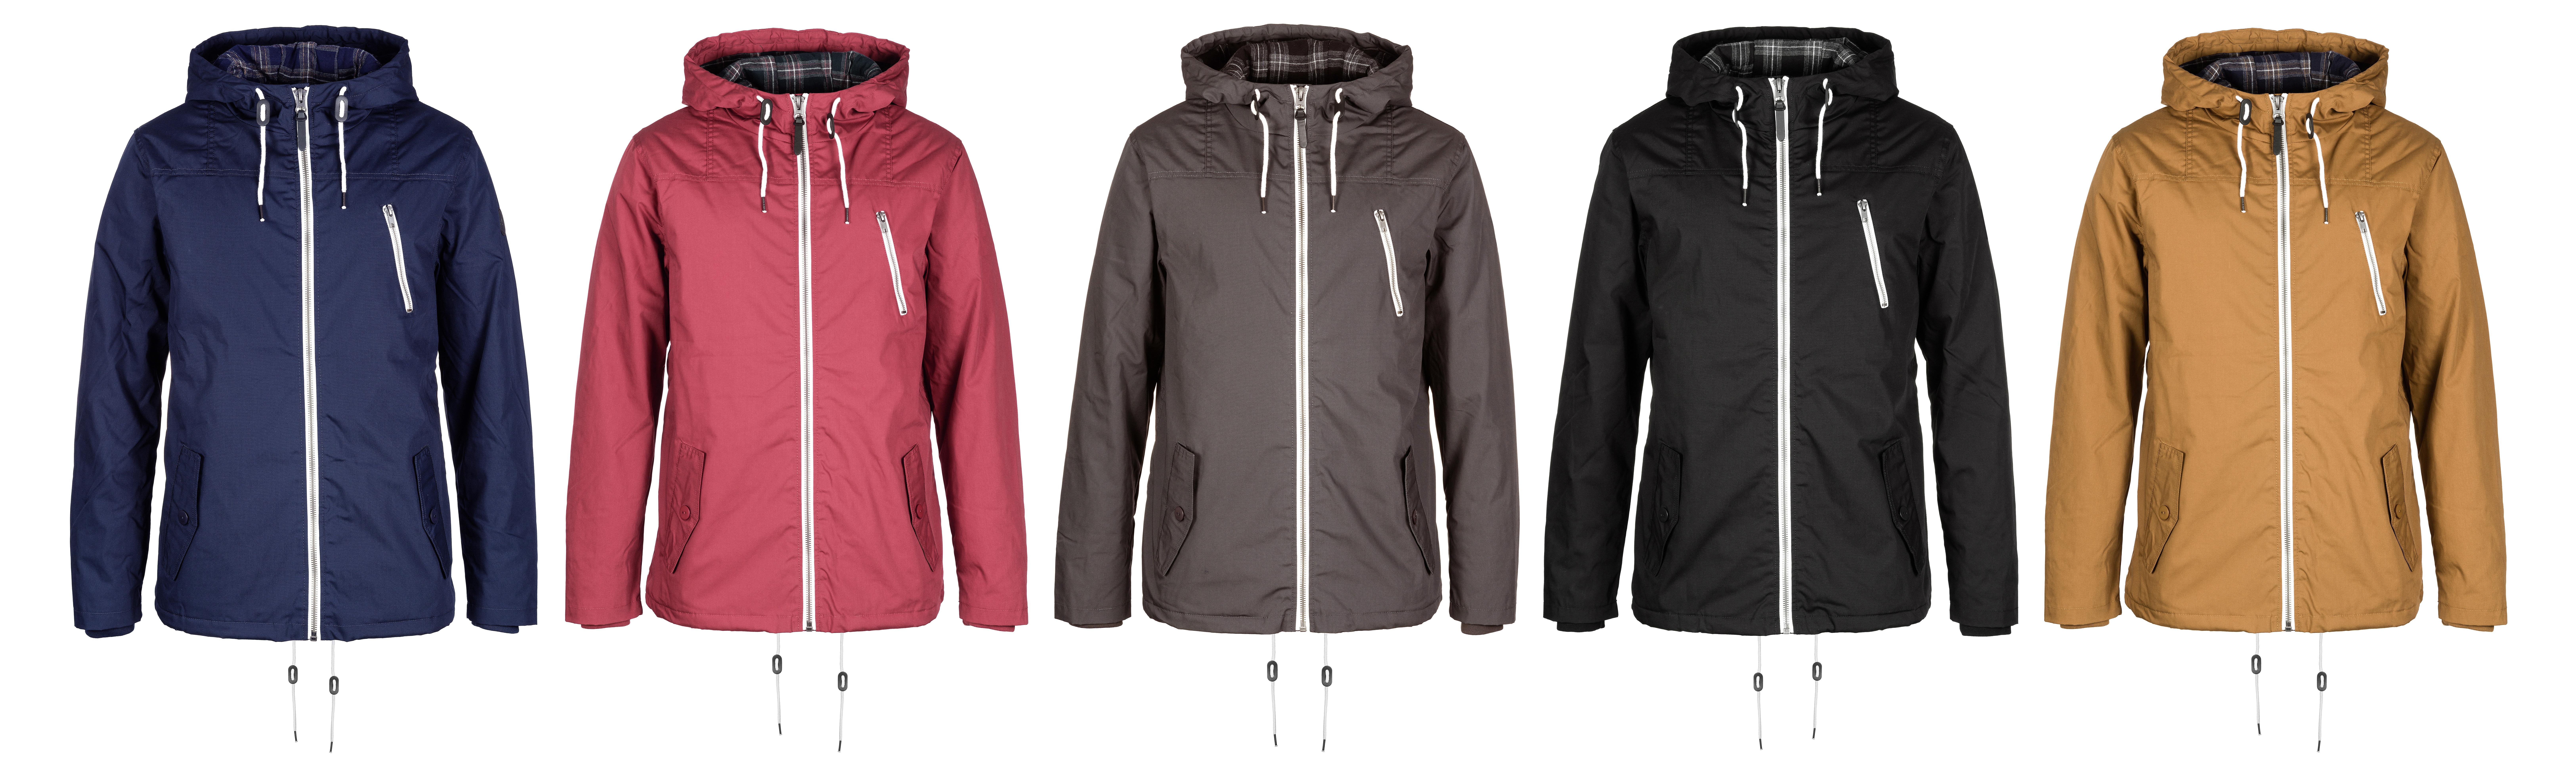 Custom made jackets (32)